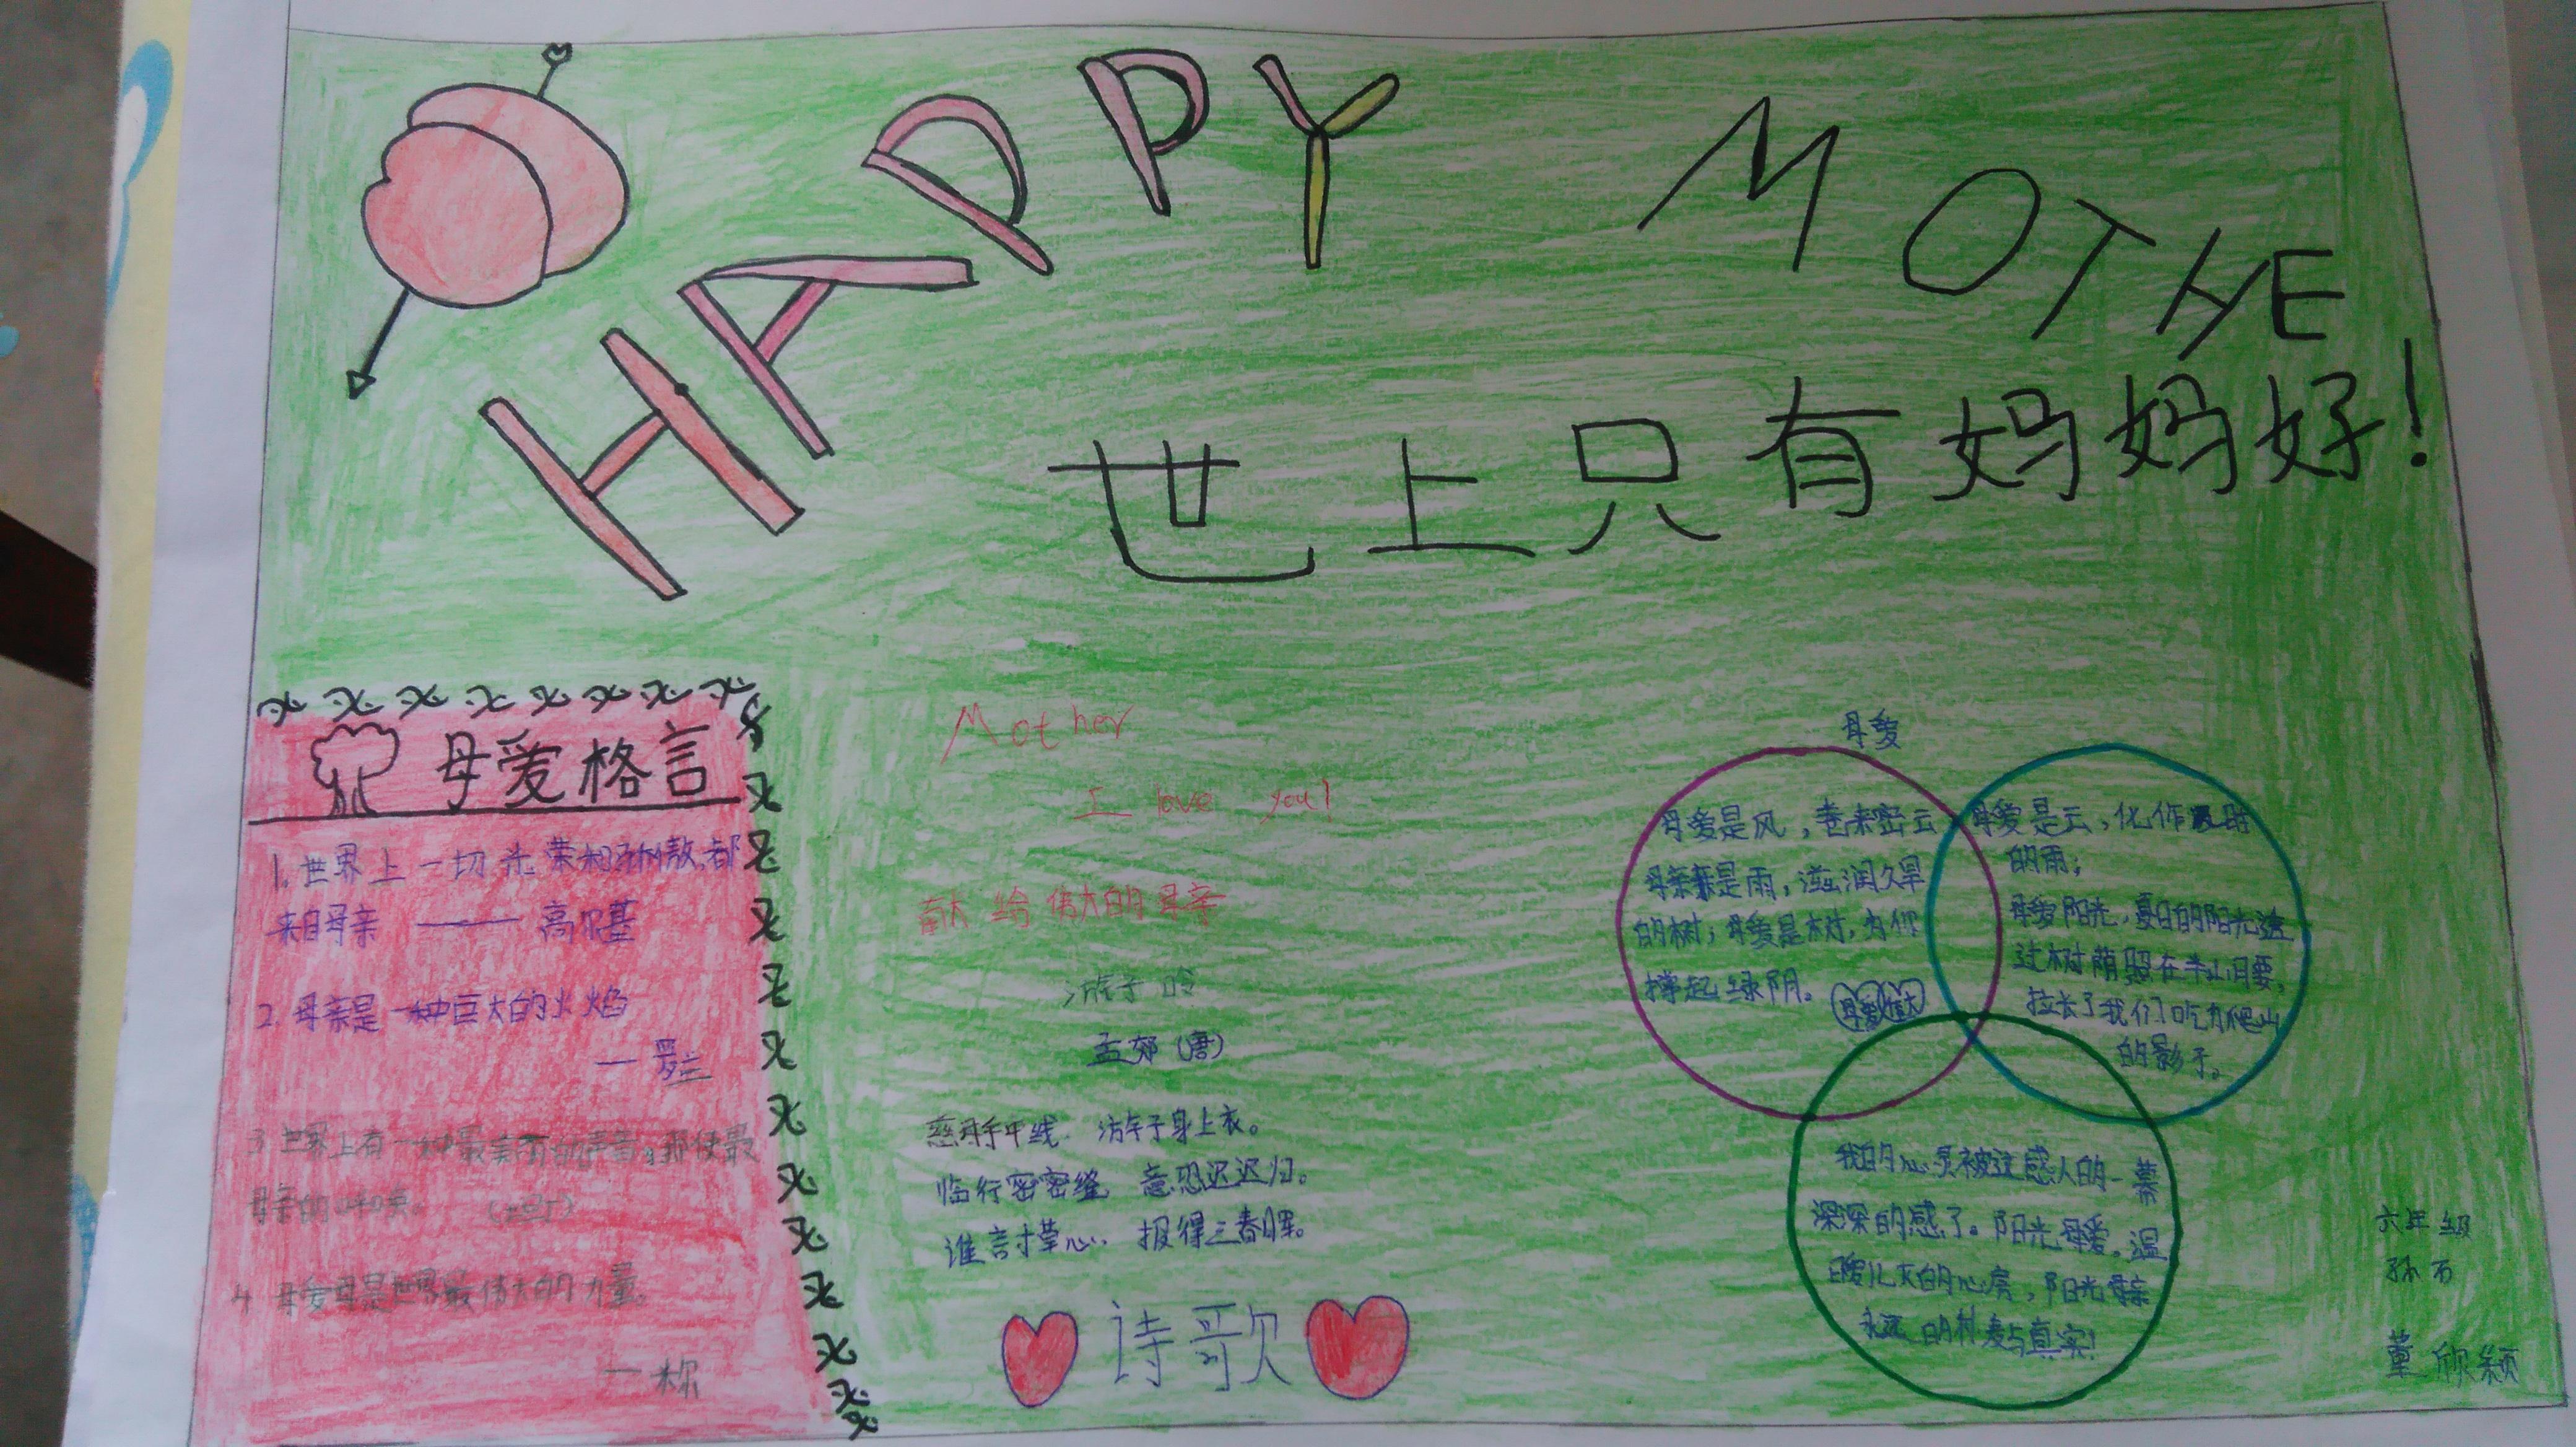 母亲节手抄报 - 各地中小学开学典礼交流专题 - 活动